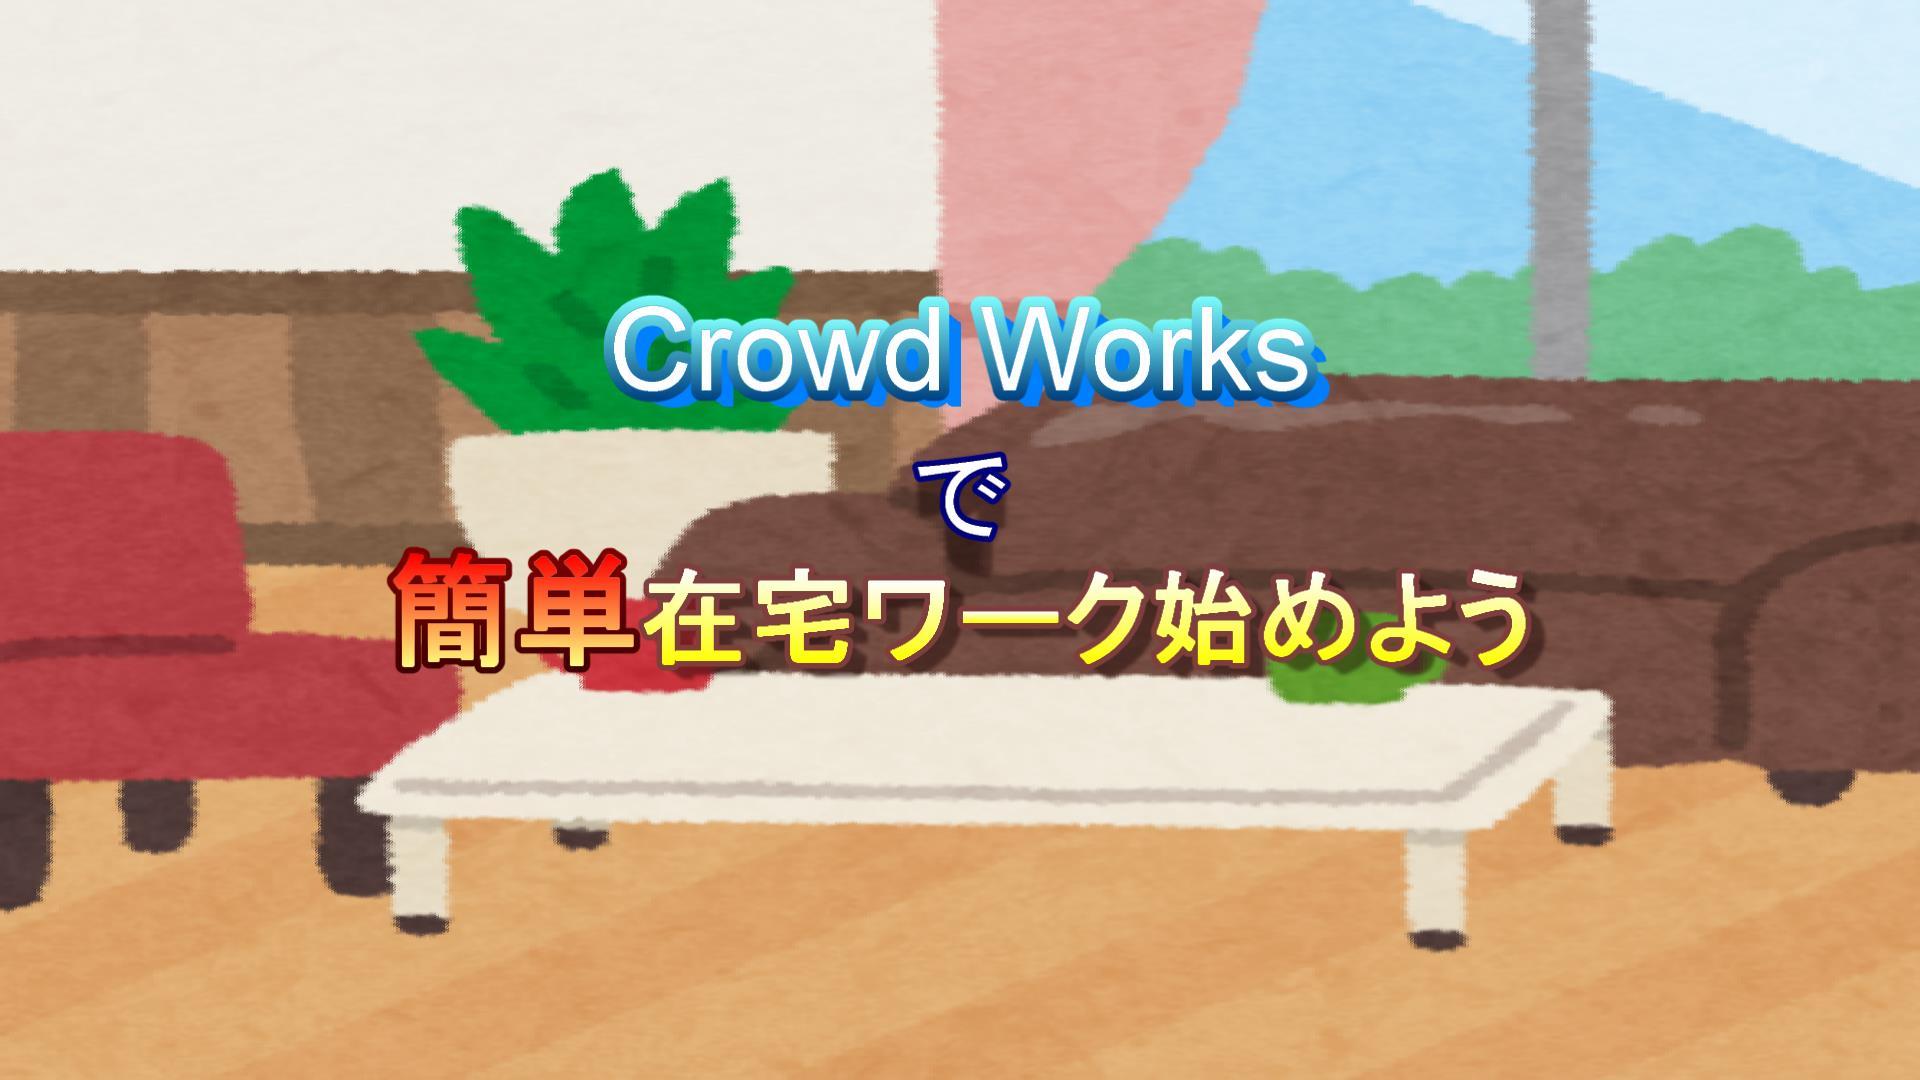 CrowdWorks 在宅ワーク